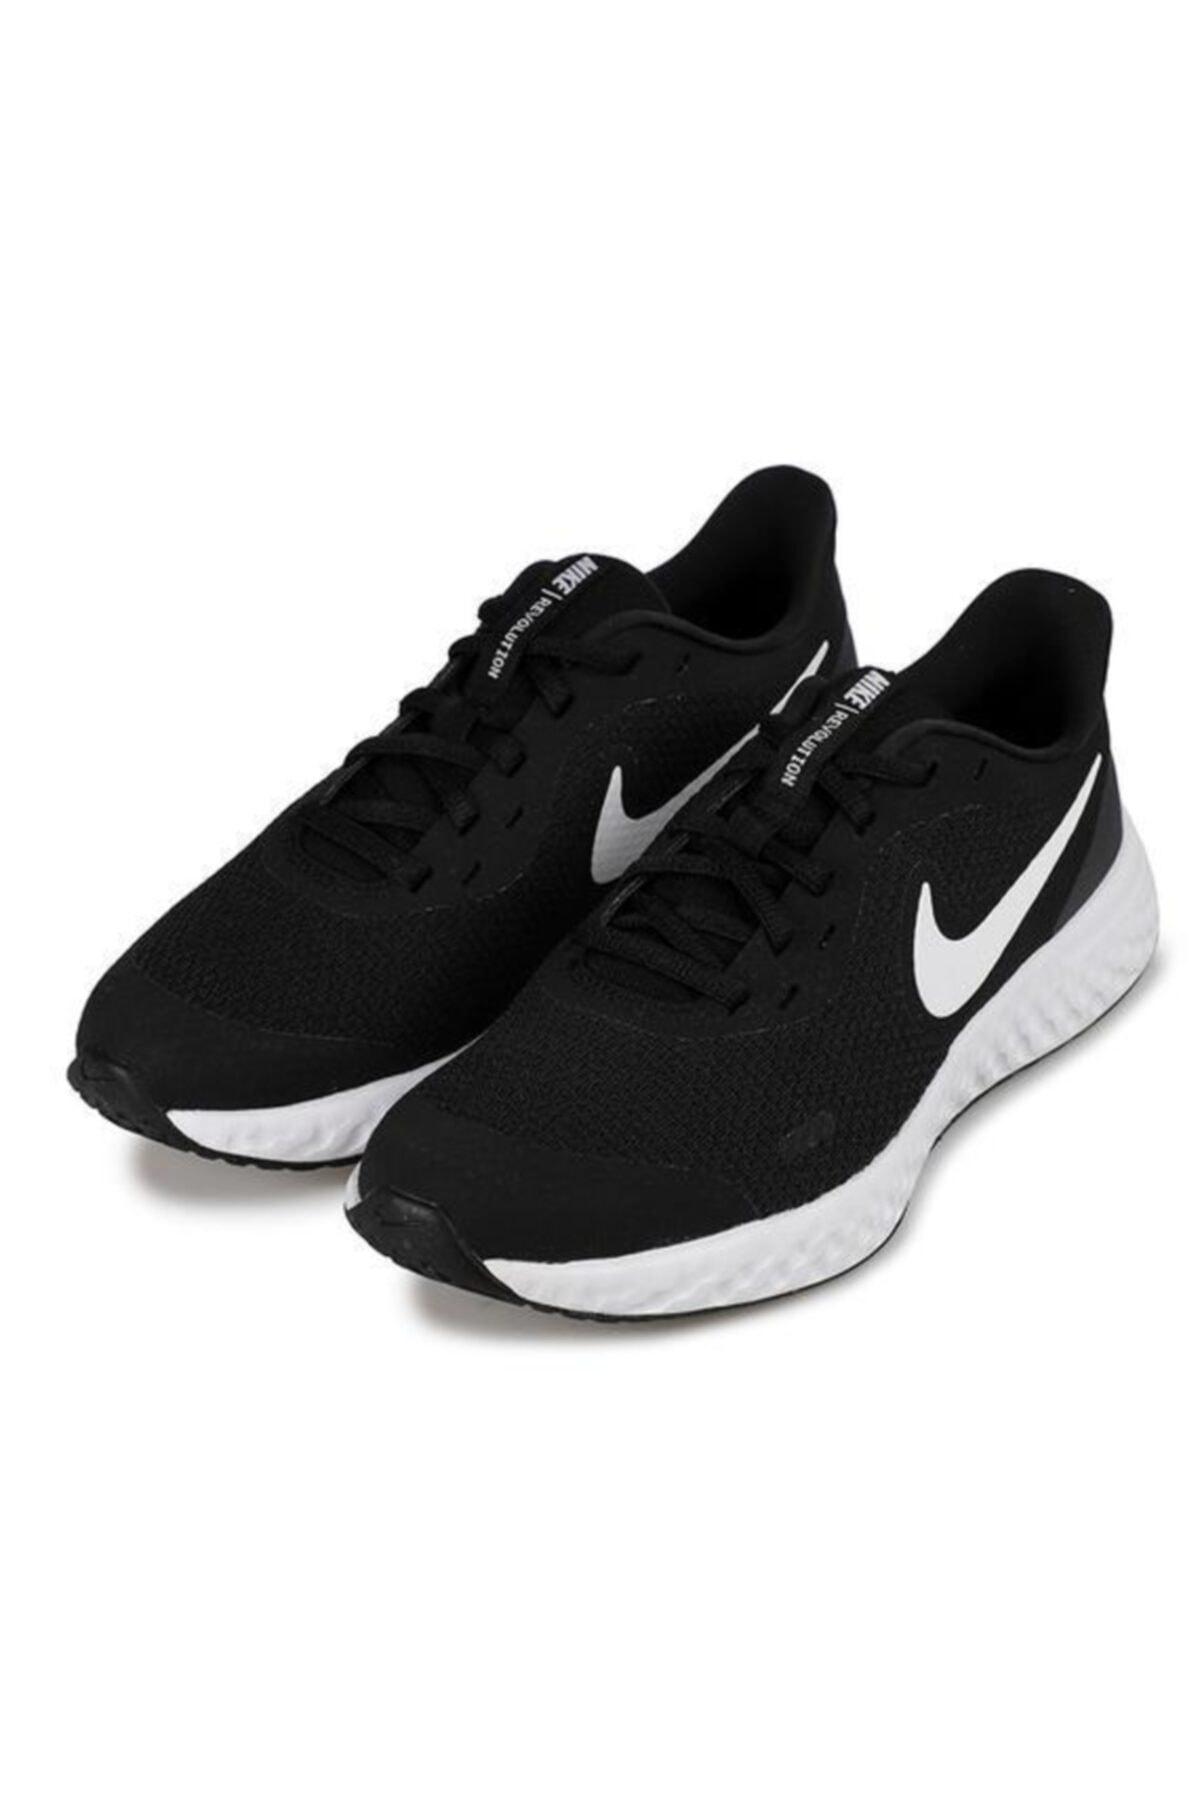 Nike Revolution 5 Sneaker Bq5671-003 2